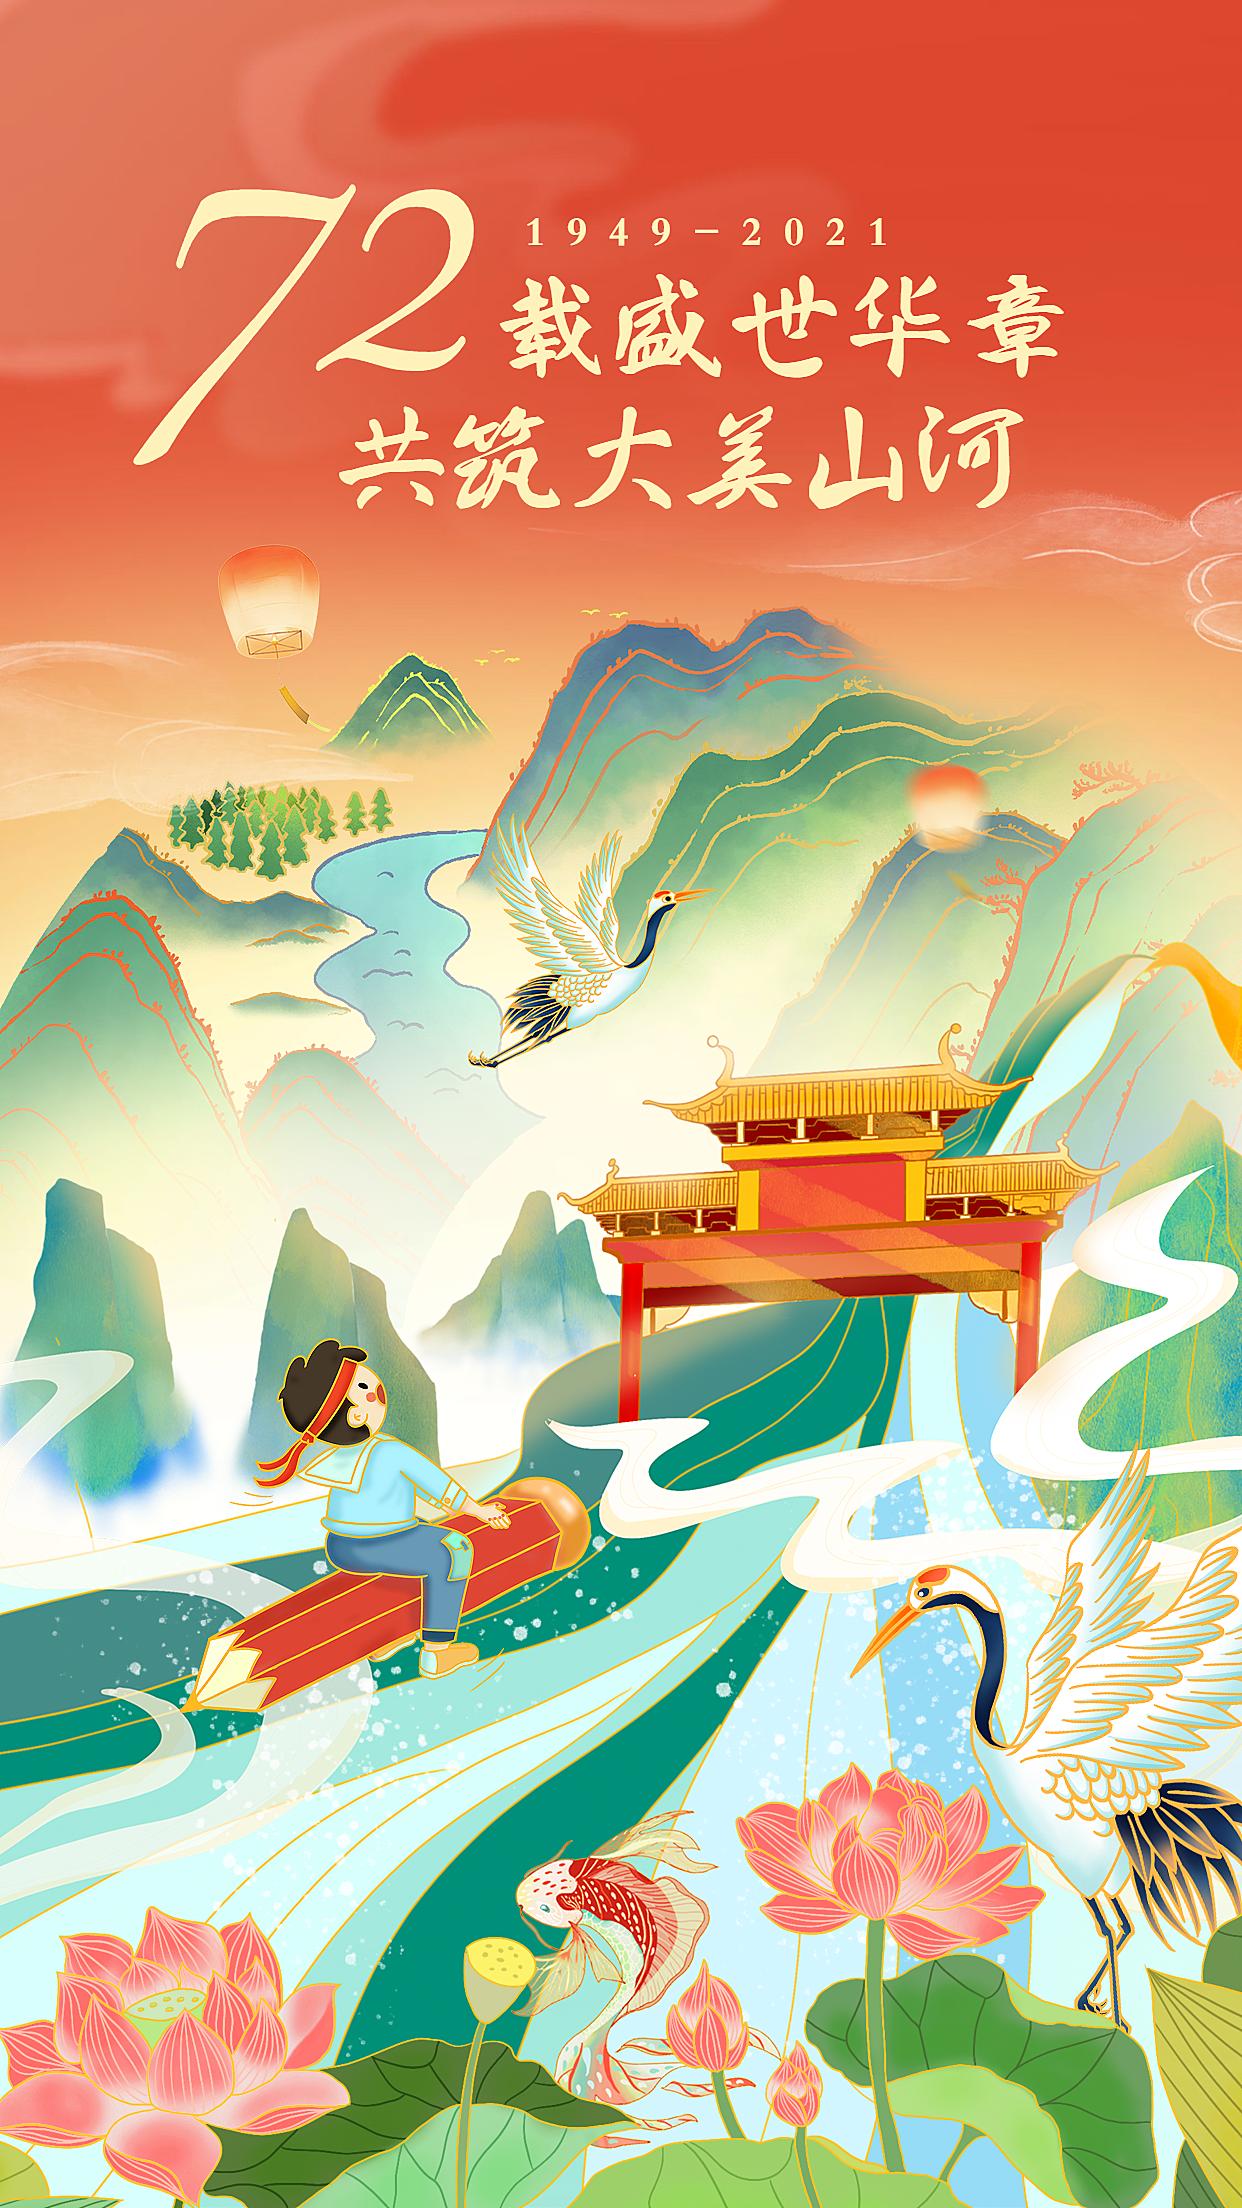 十一国庆节祝福手绘中国风手机海报